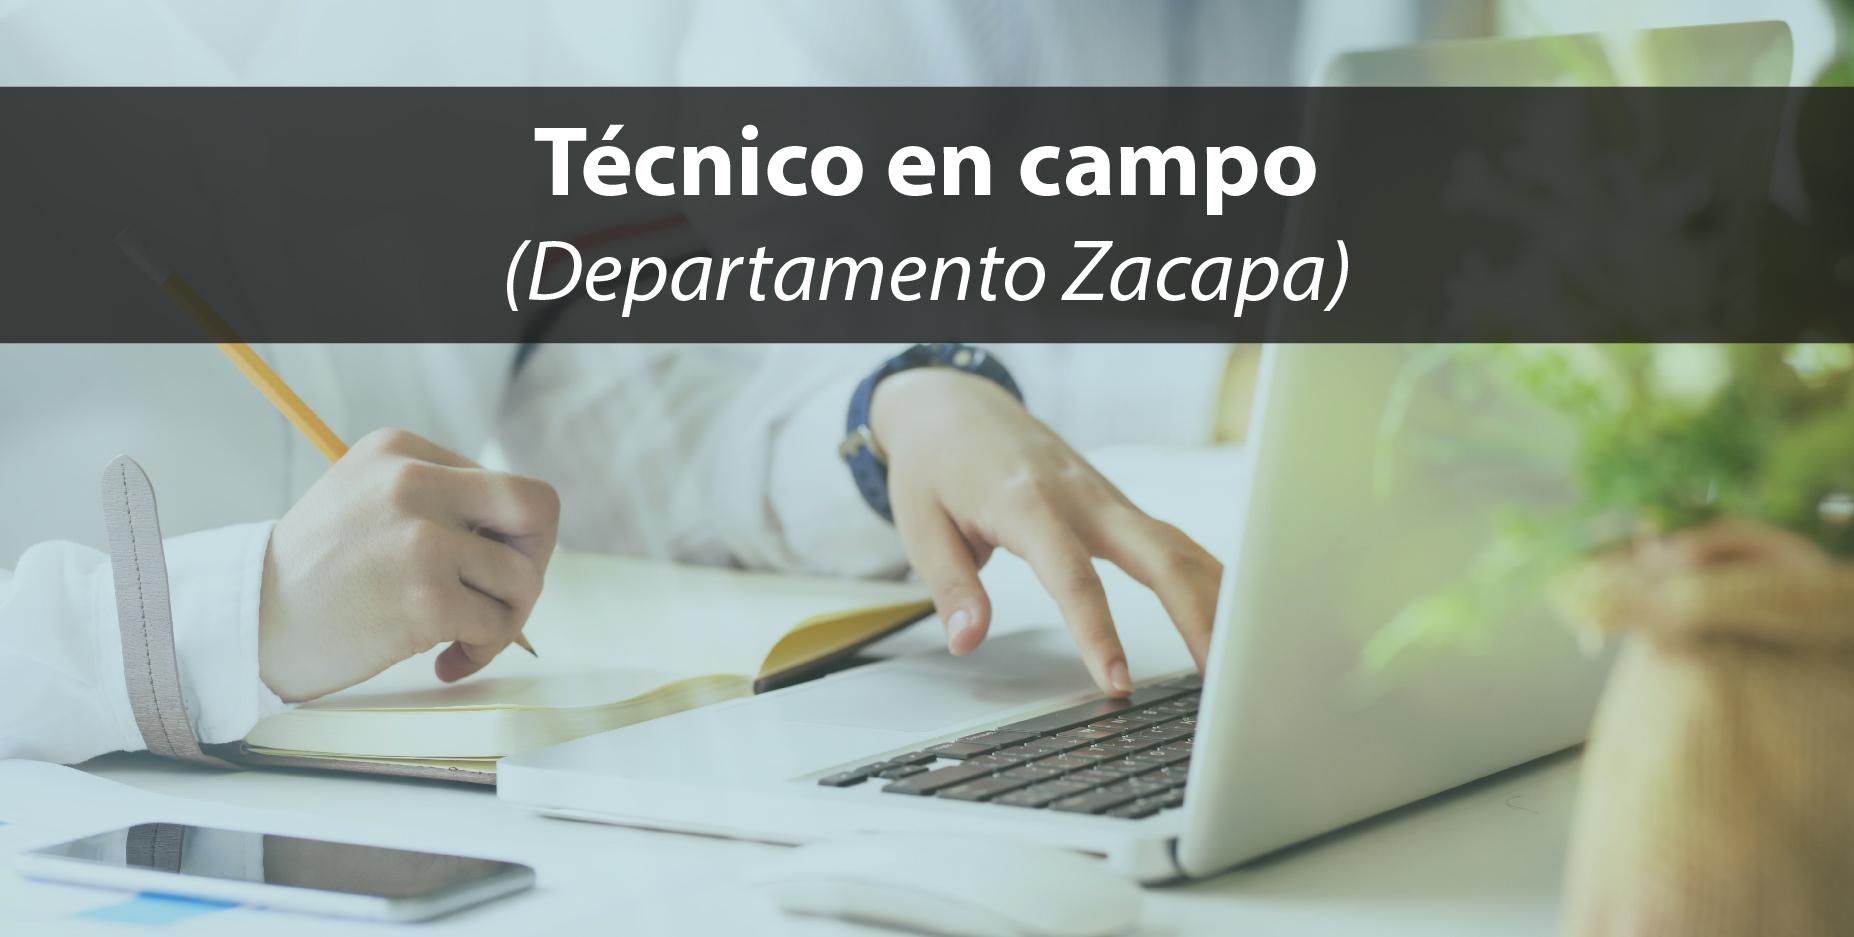 ANEXO I: Término de Referencia Técnico en campo para ejecutar programa de formación virtual en el departamento de Zacapa.